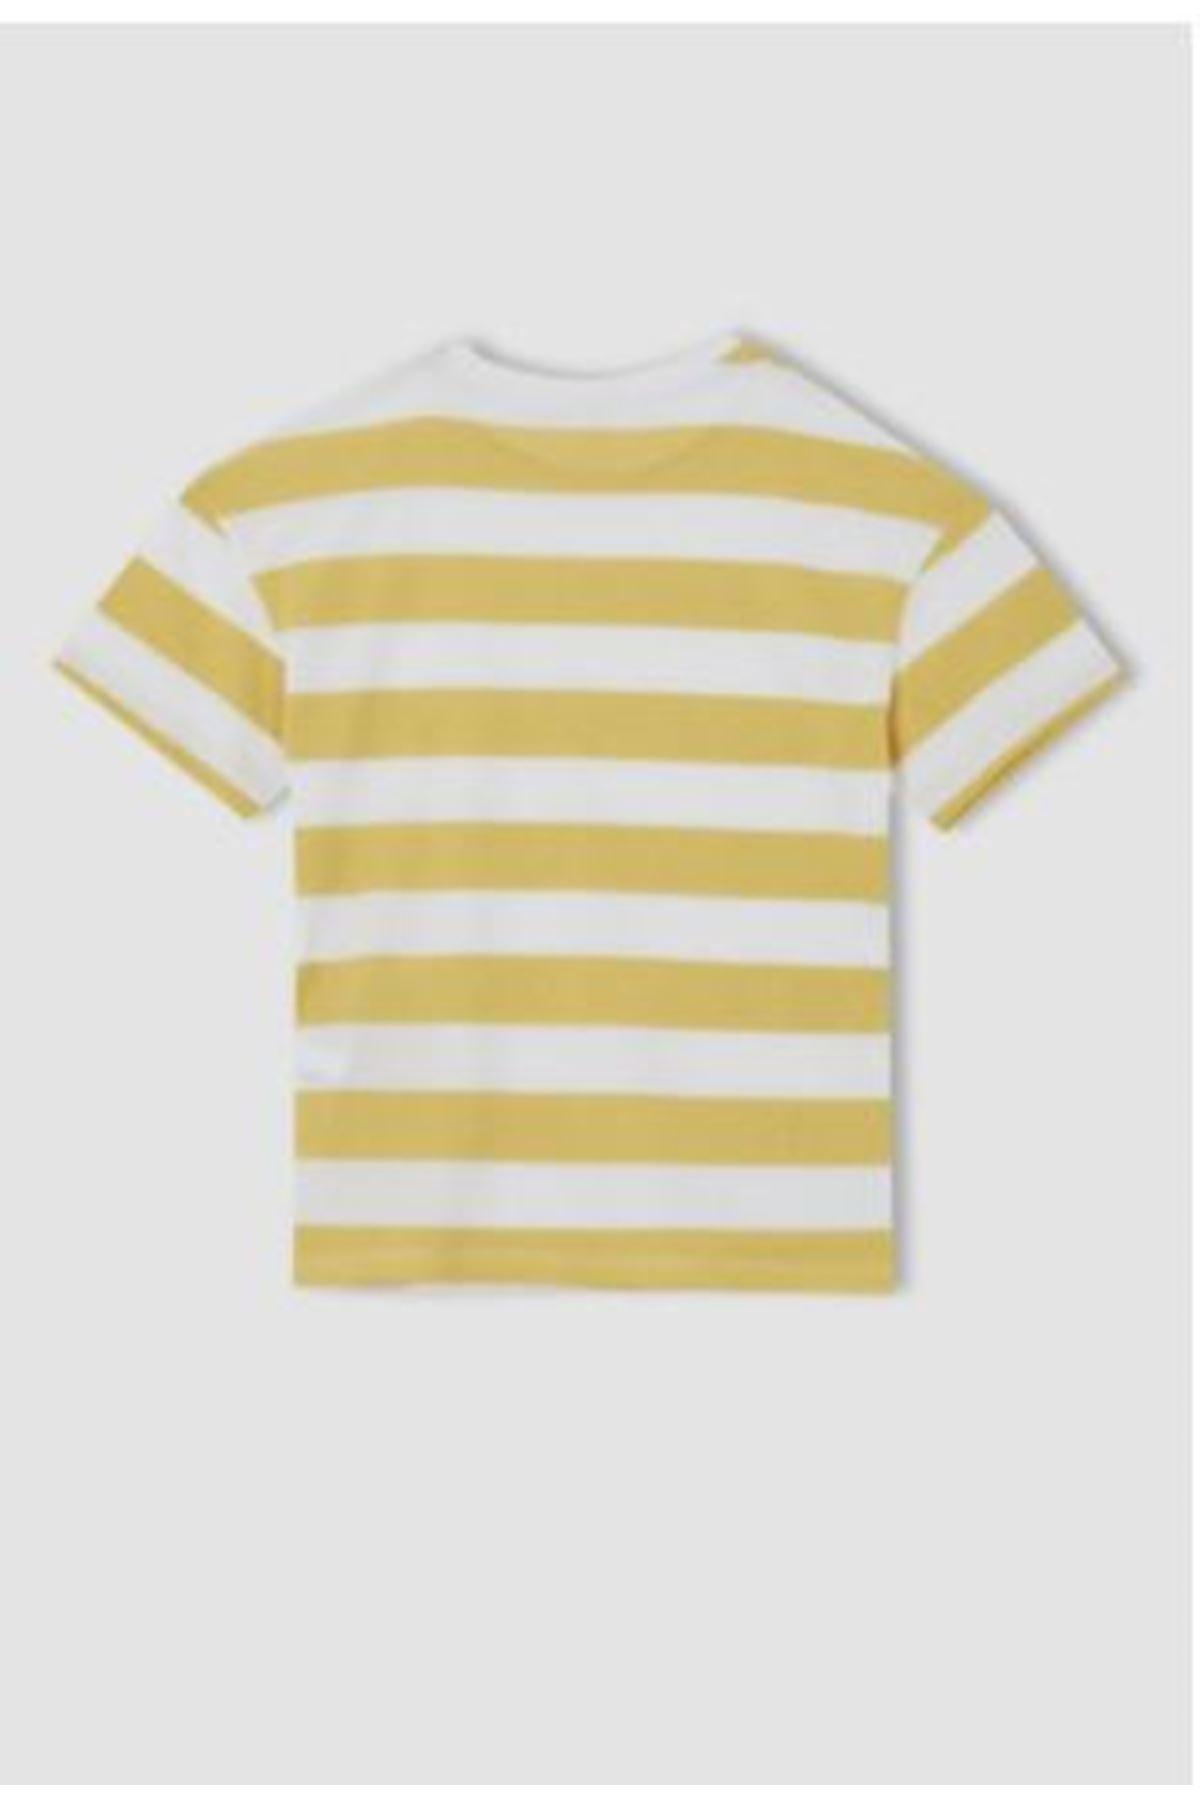 Erkek Çocuk Çizgili Sarı T-shırt